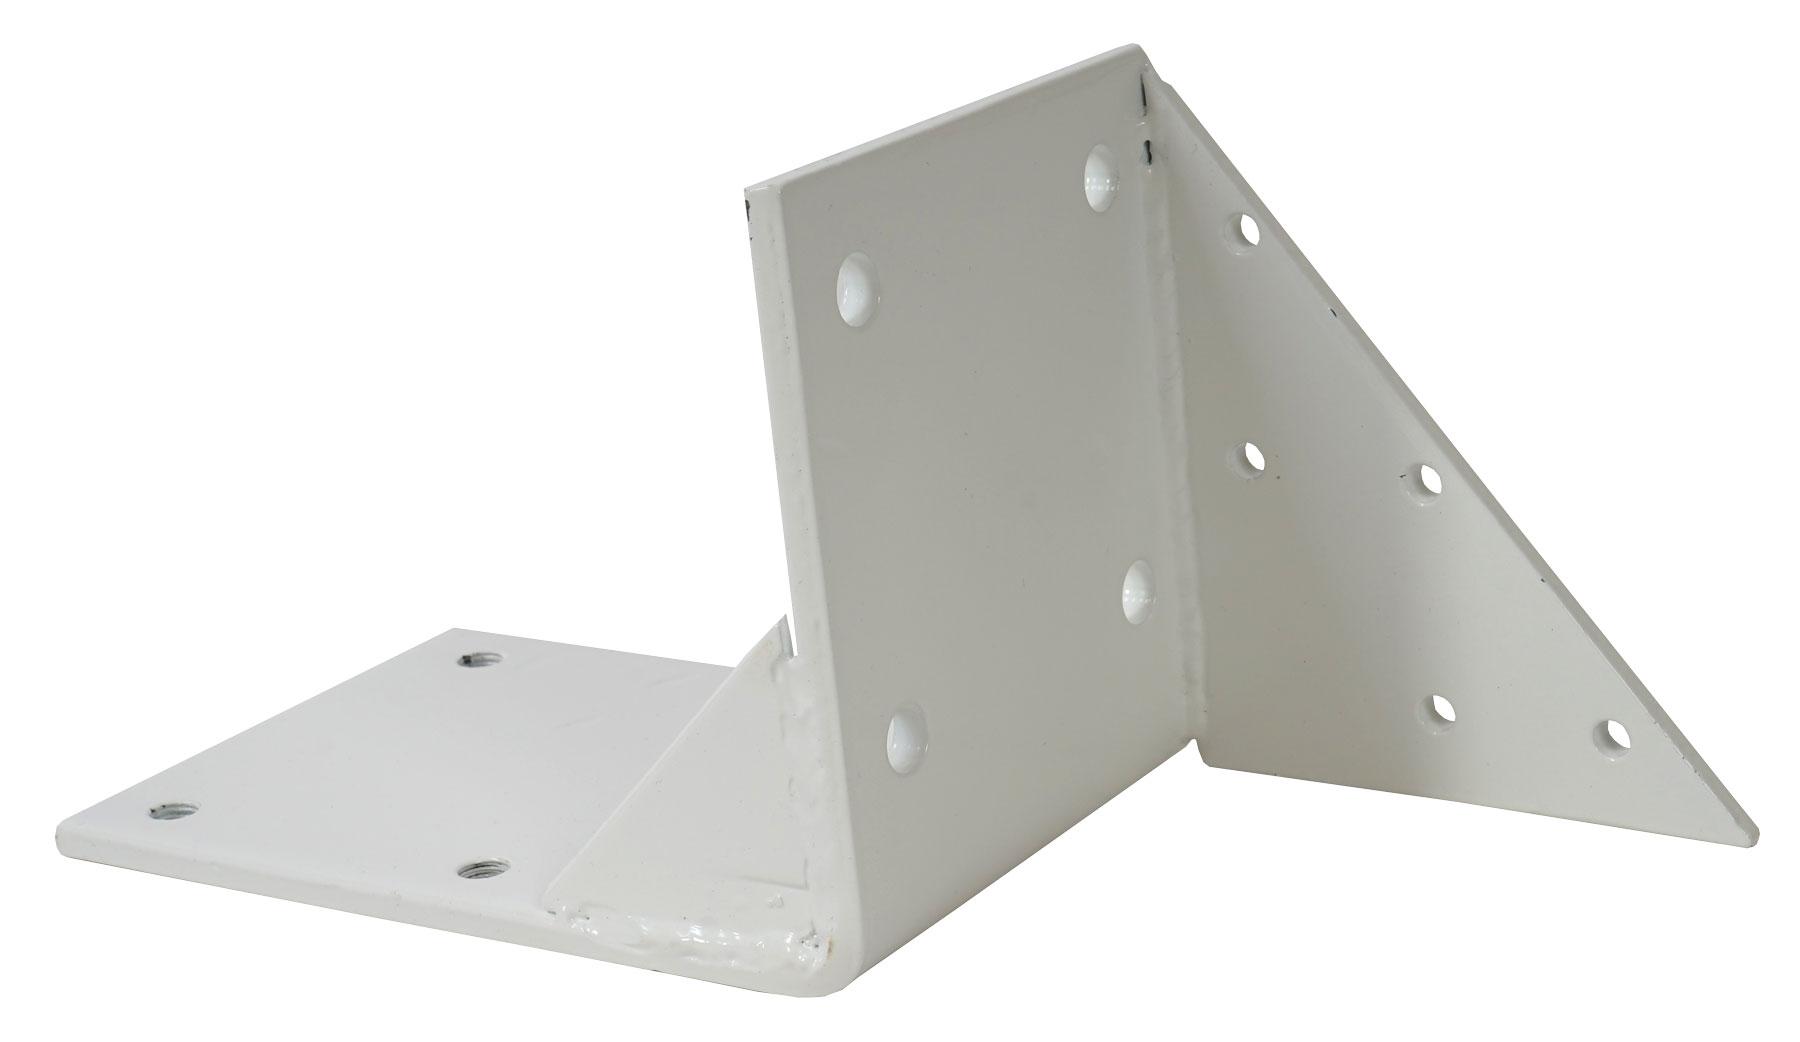 Dachsparrenadapter für T124 Seitensicht und Sparrenbefestigung